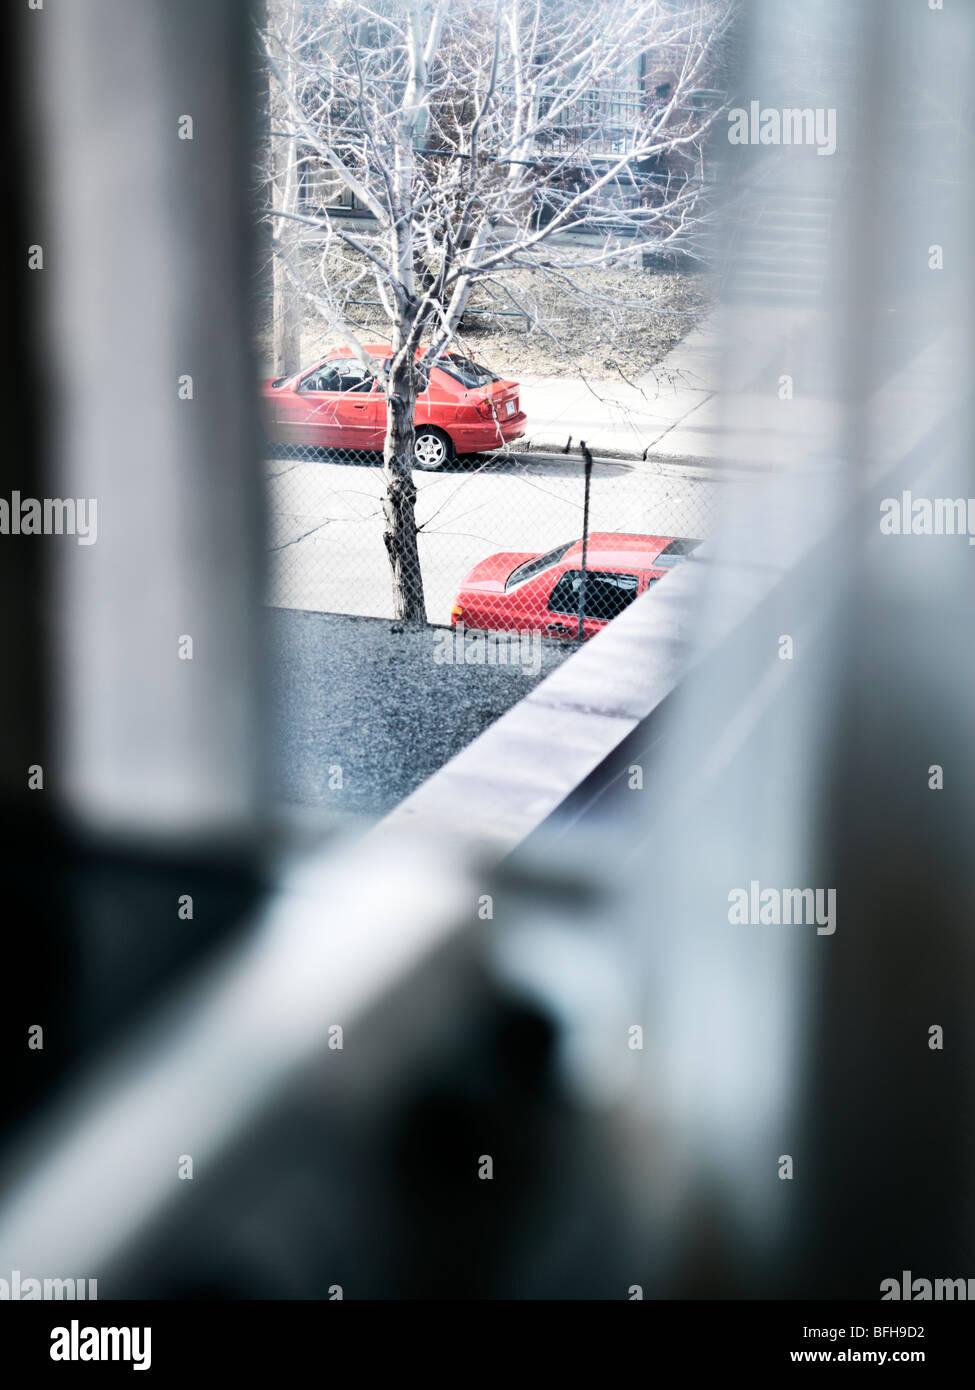 zwei rote Autos oben aus einem verhangenen Fenster gesehen Stockbild